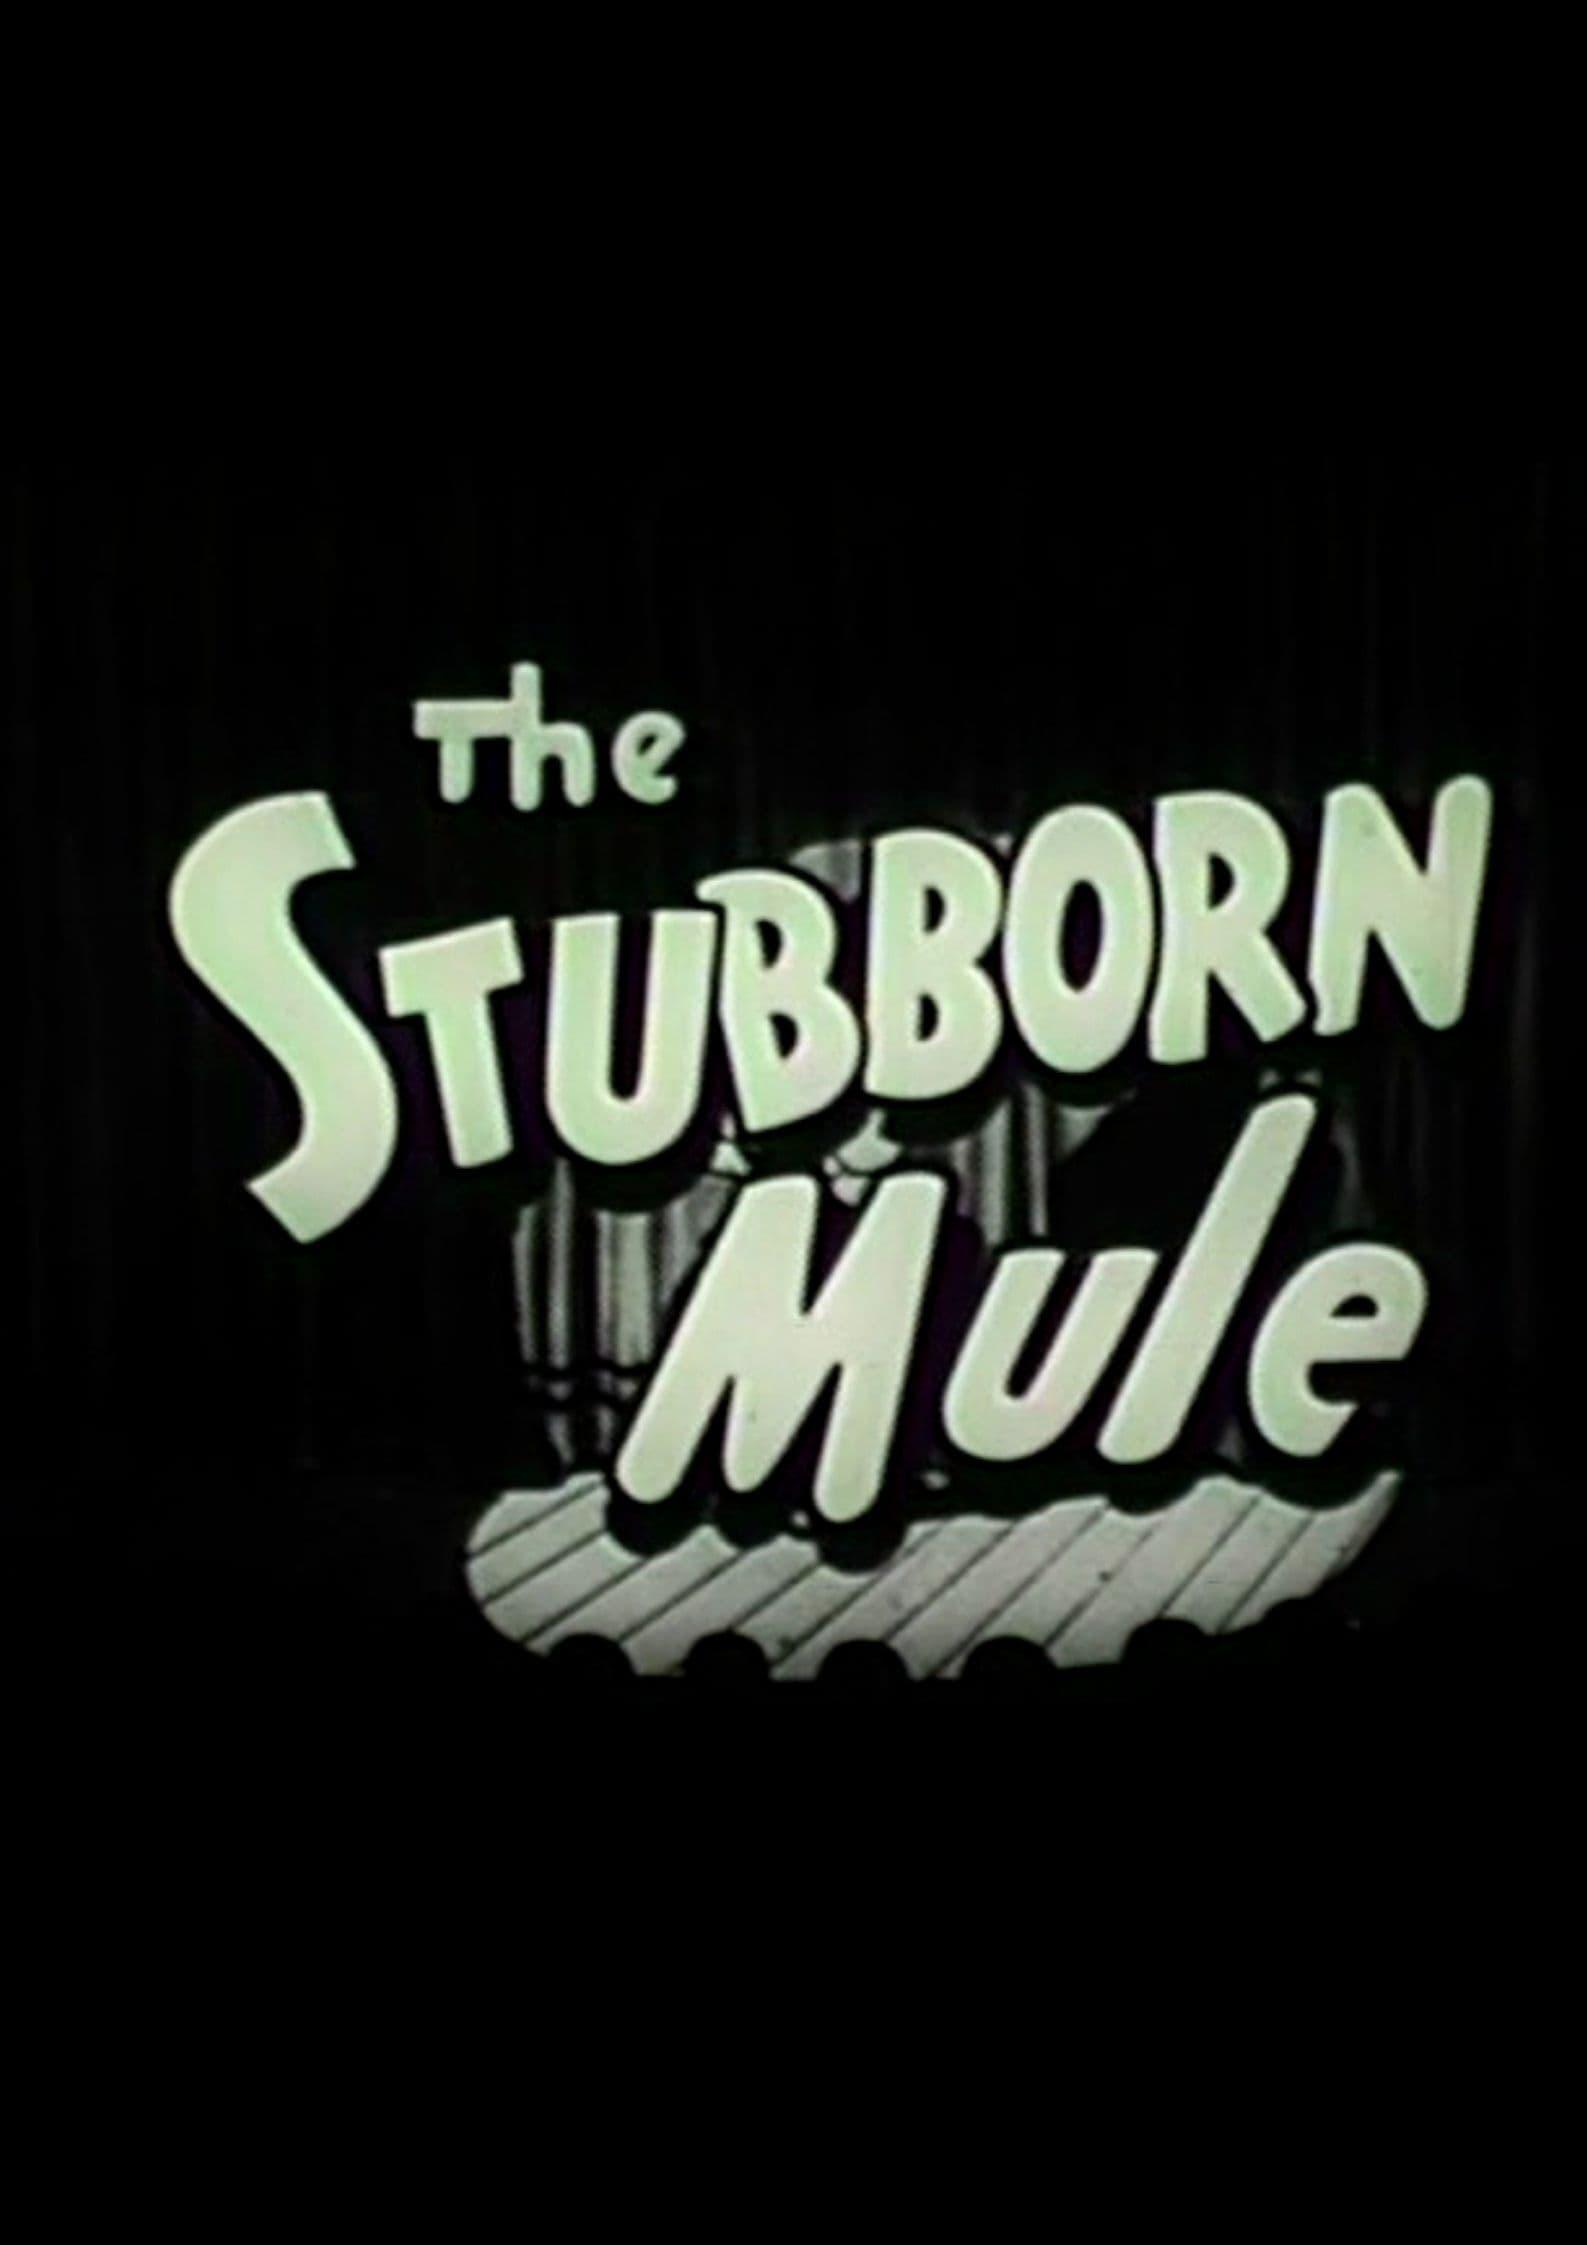 The Stubborn Mule